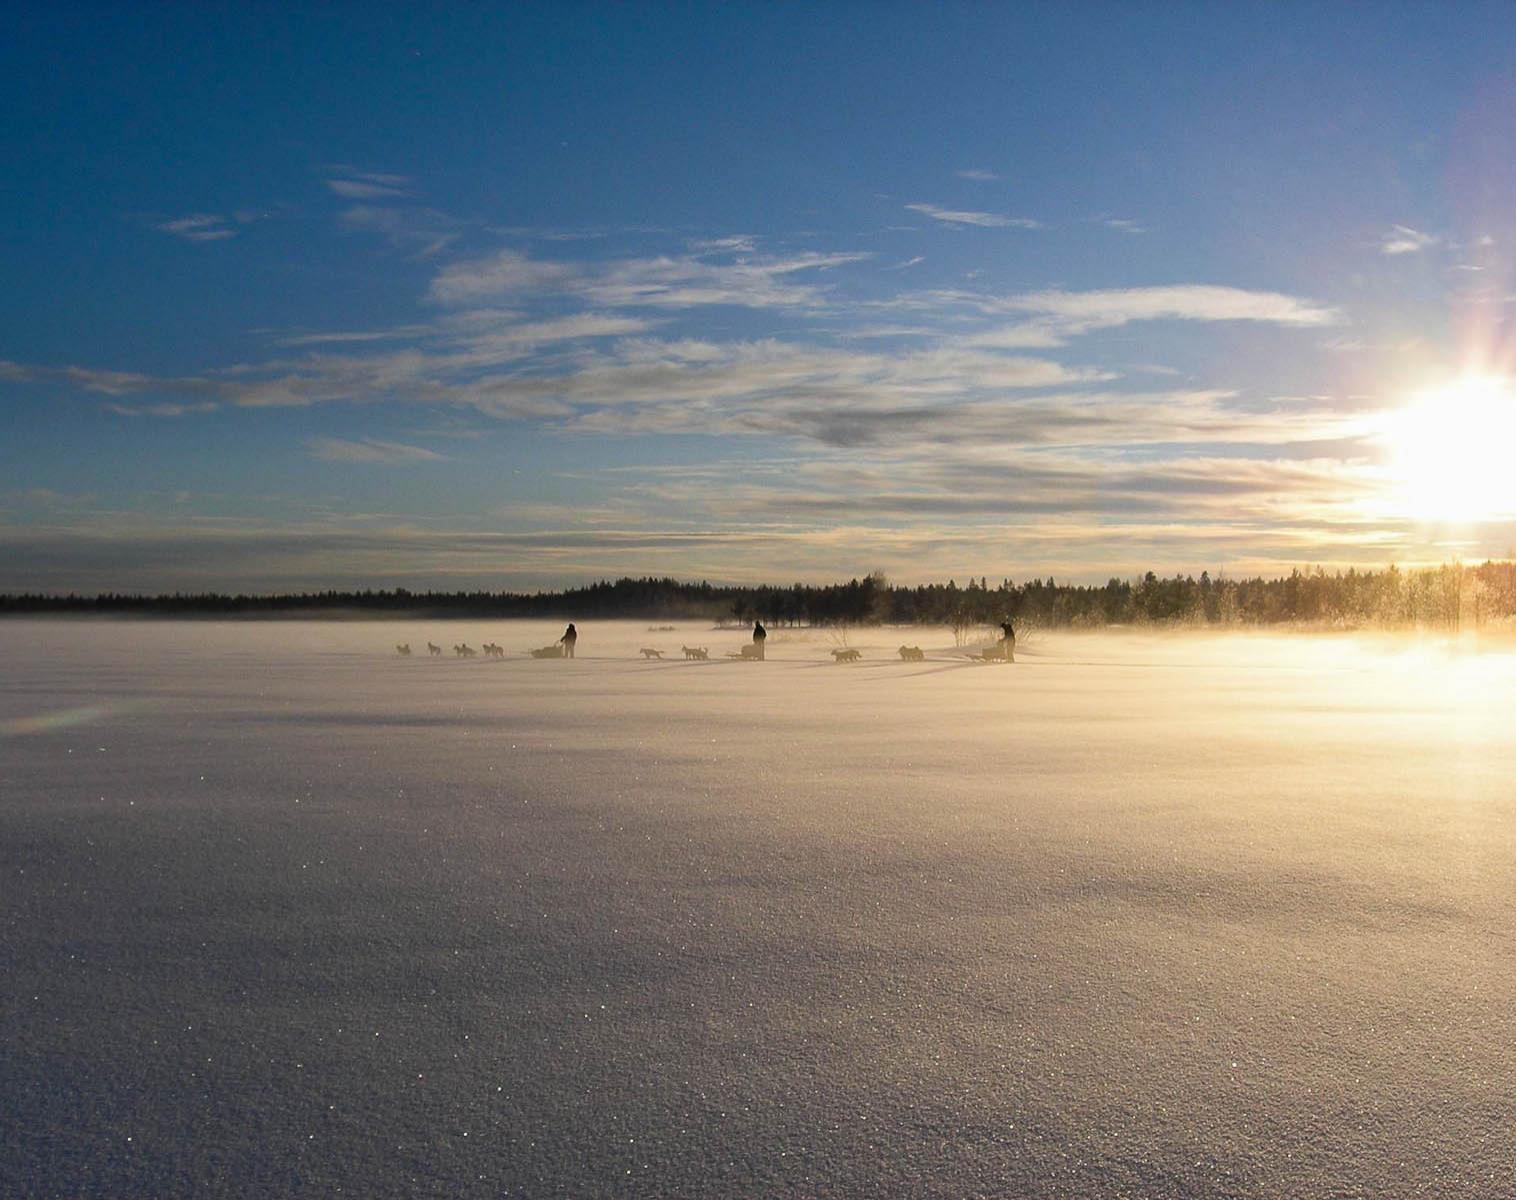 Finlande  Echappée nordique en traineaux sur la frontière Russe   Chiens de traîneaux Raquettes